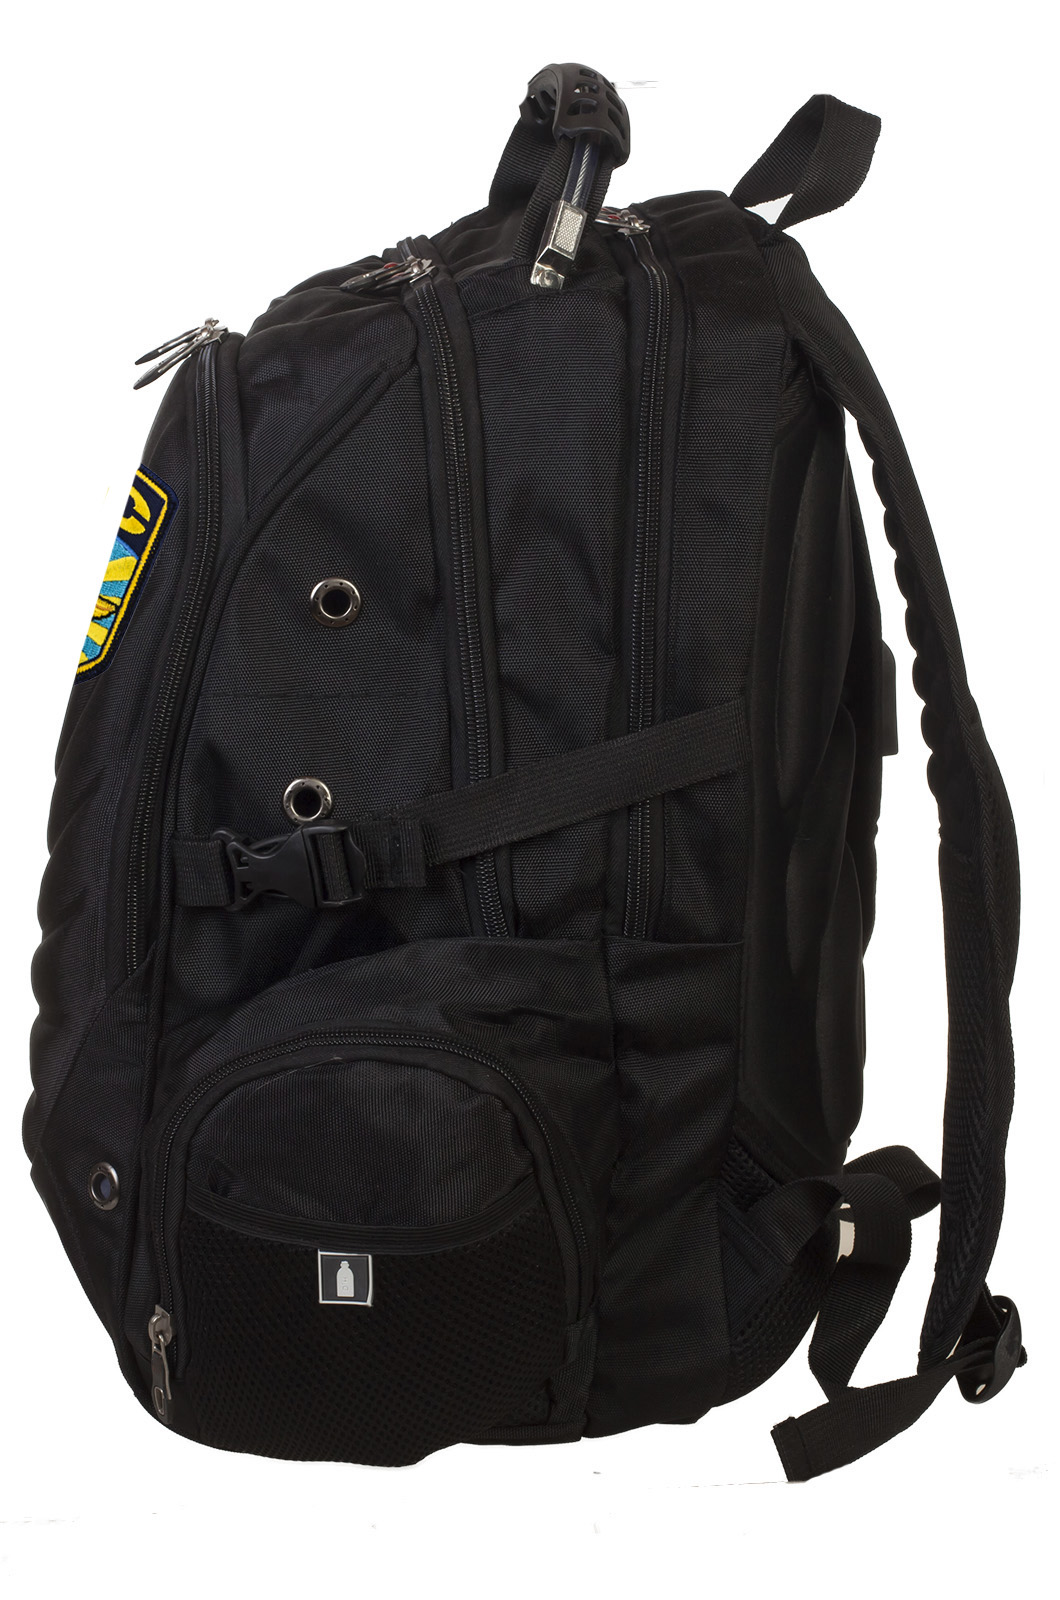 Трендовый городской рюкзак с шевроном ВКС купить в подарок